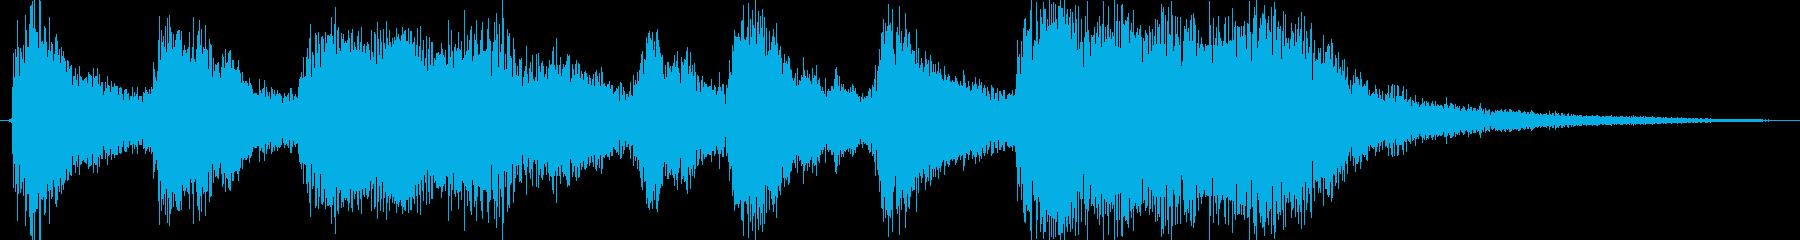 クラシックなイベント達成音ジングル3の再生済みの波形